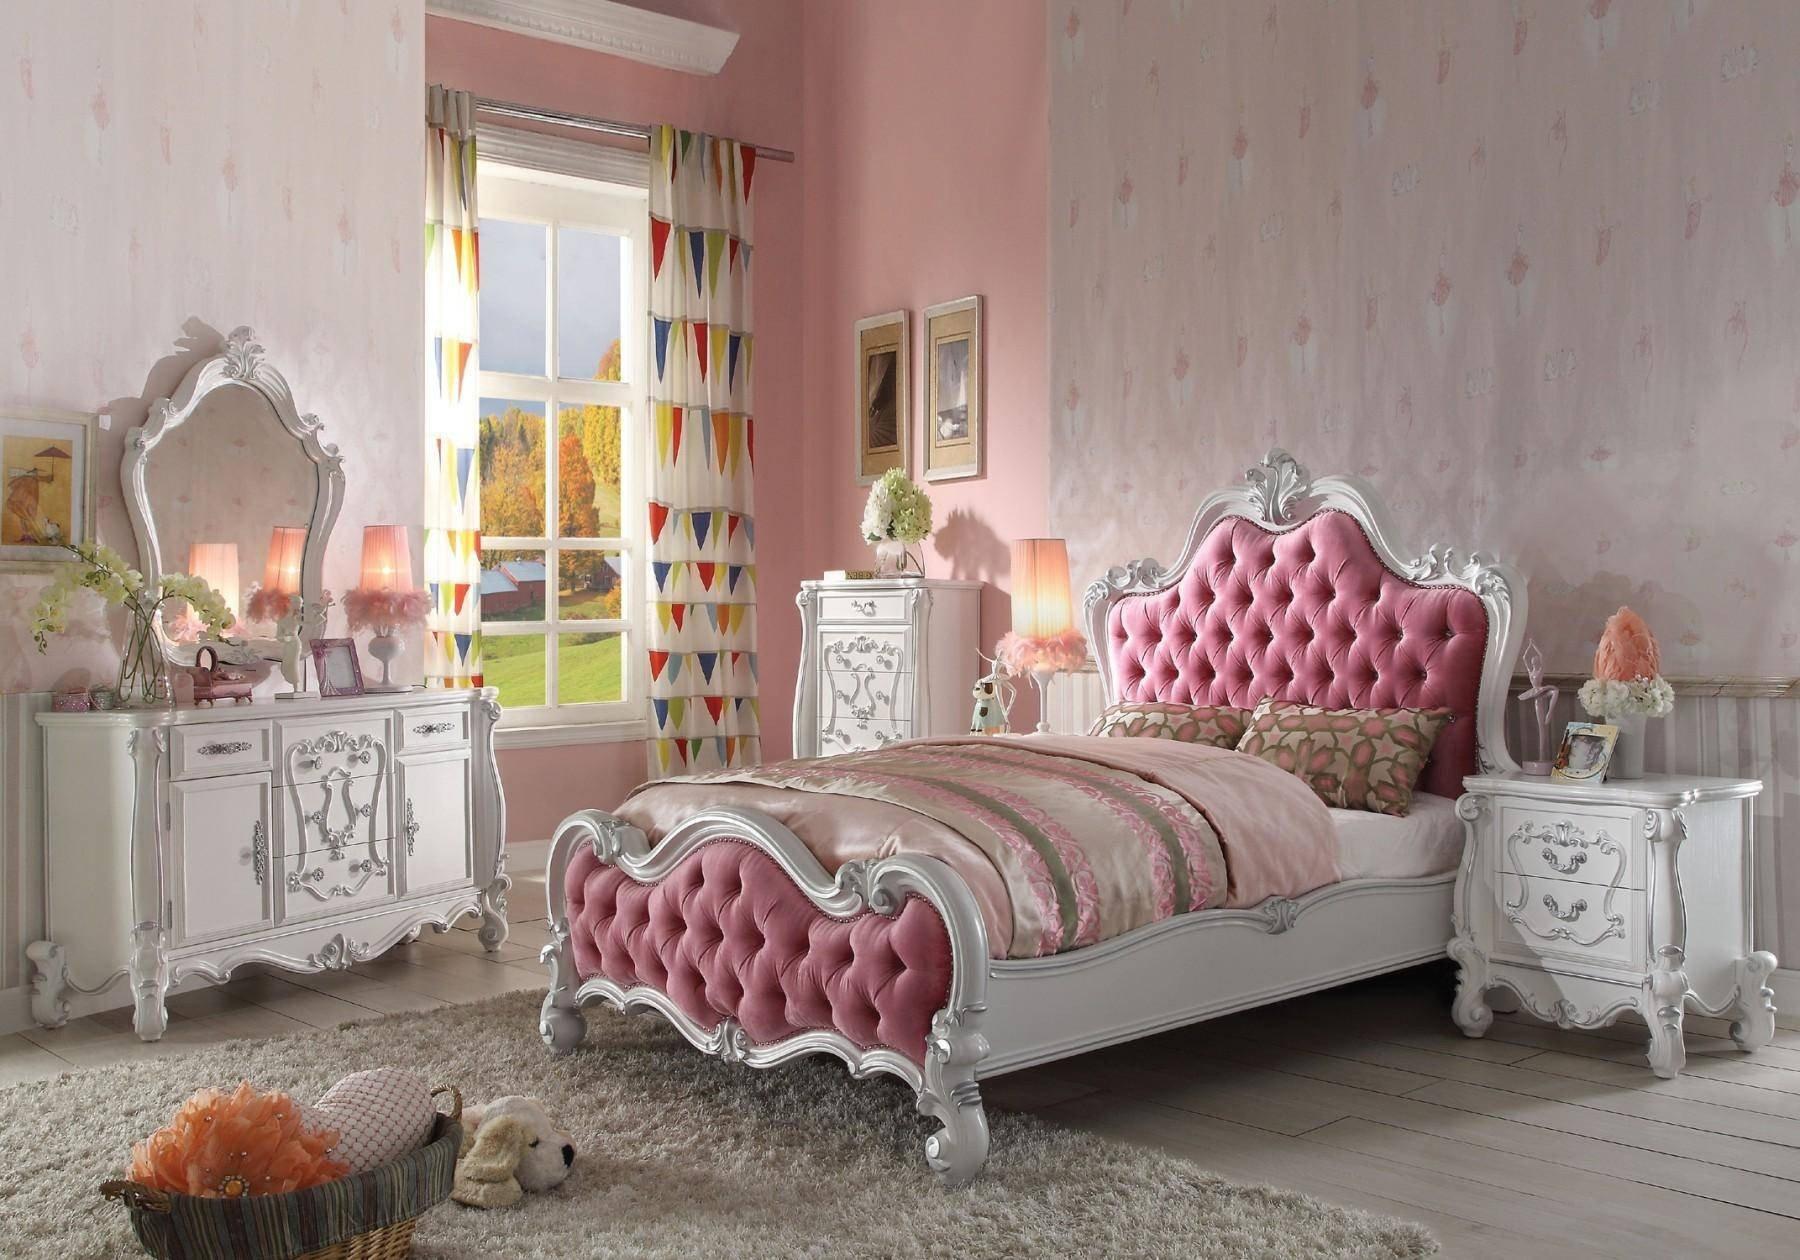 Boy Bedroom Furniture Set New soflex Classic andria Kids Queen Bedroom Set 4pcs Antique